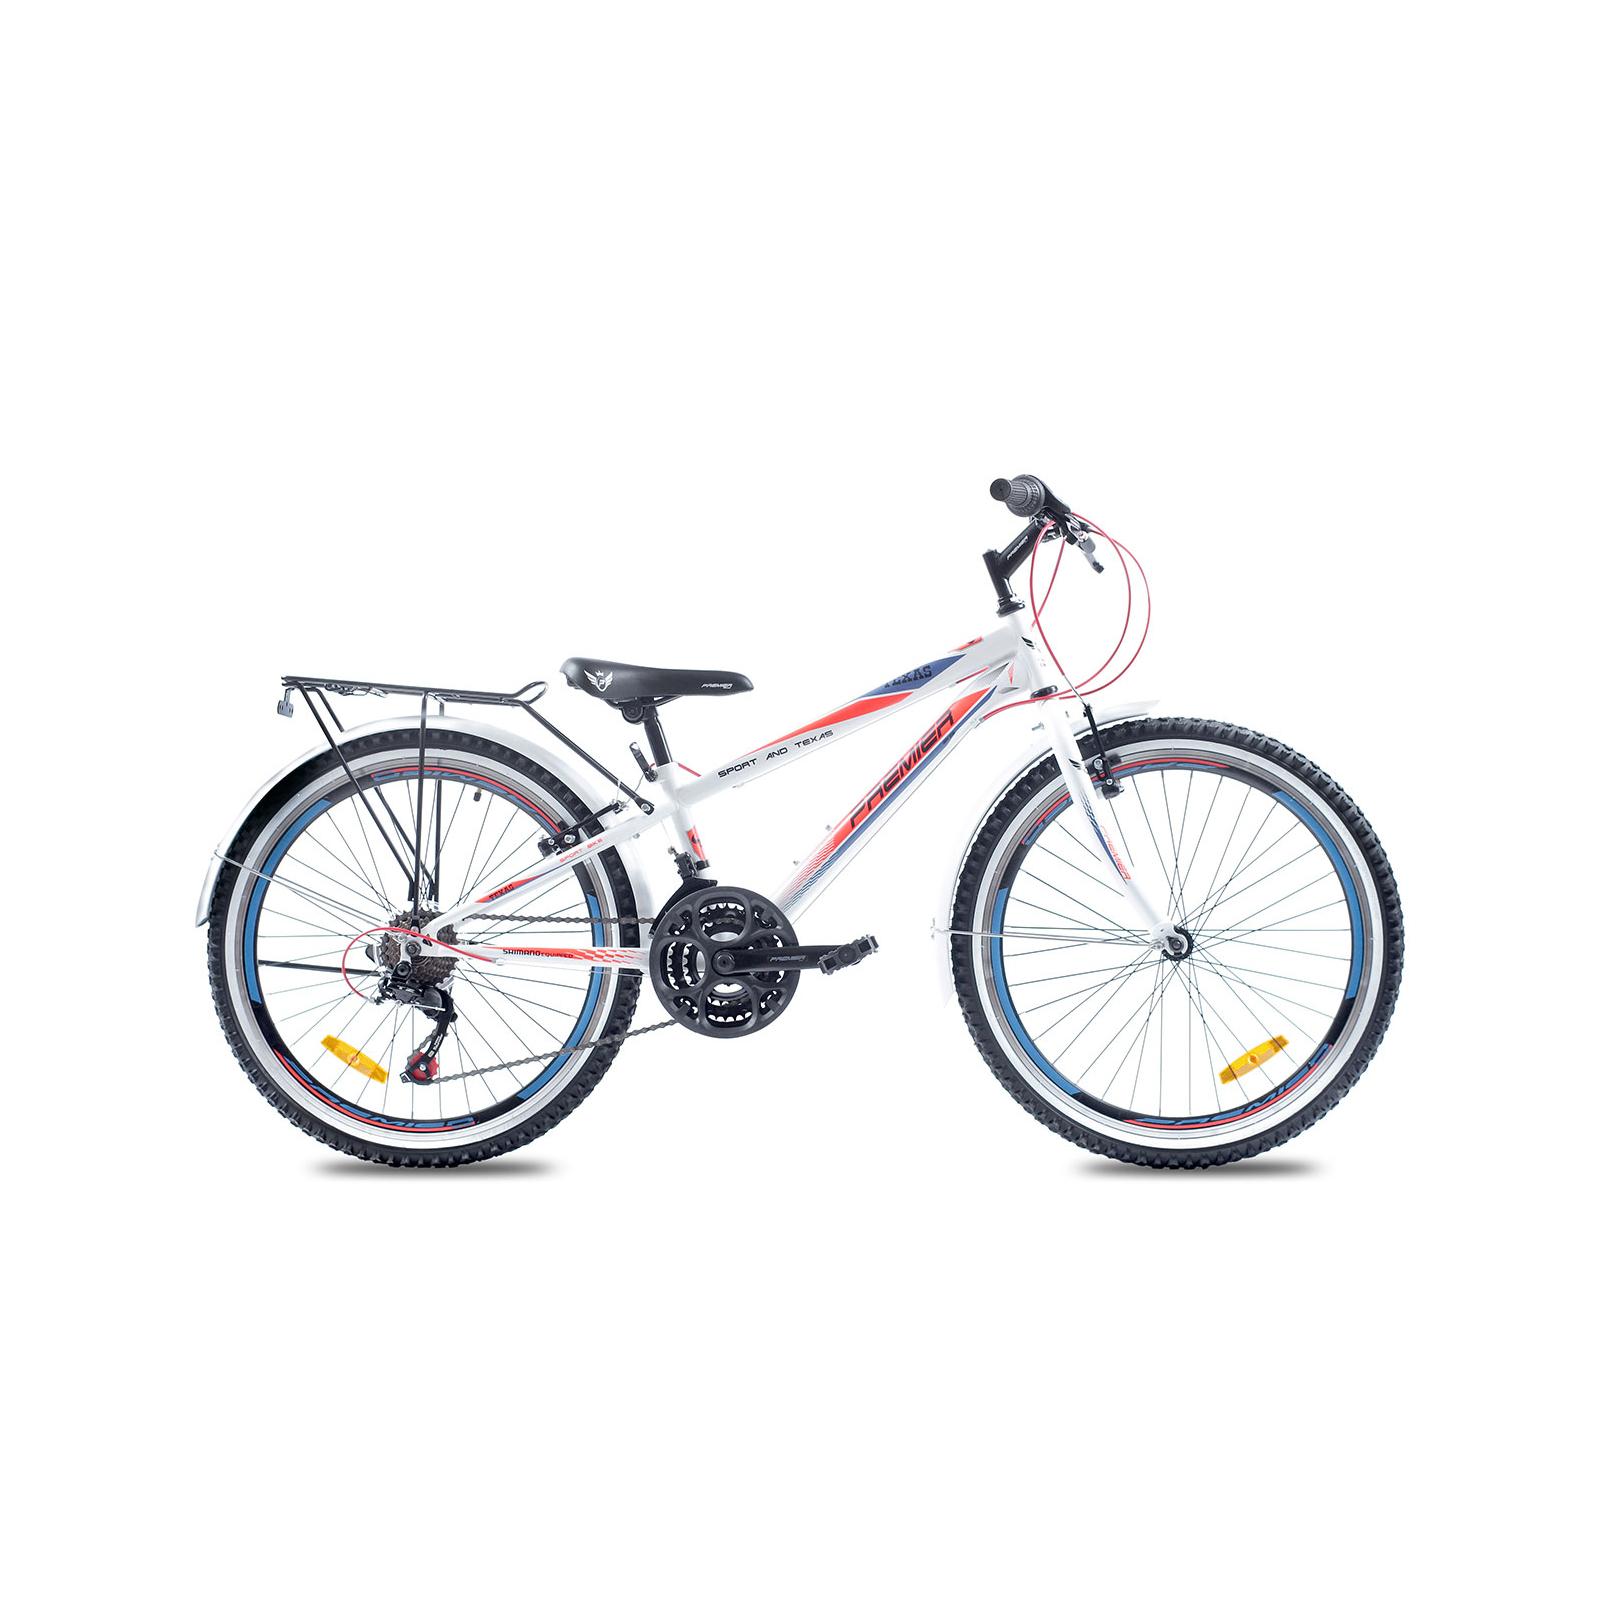 """Велосипед Premier Texas24 2016 11"""" белый с красно-голубым (ЦБ0000338)"""